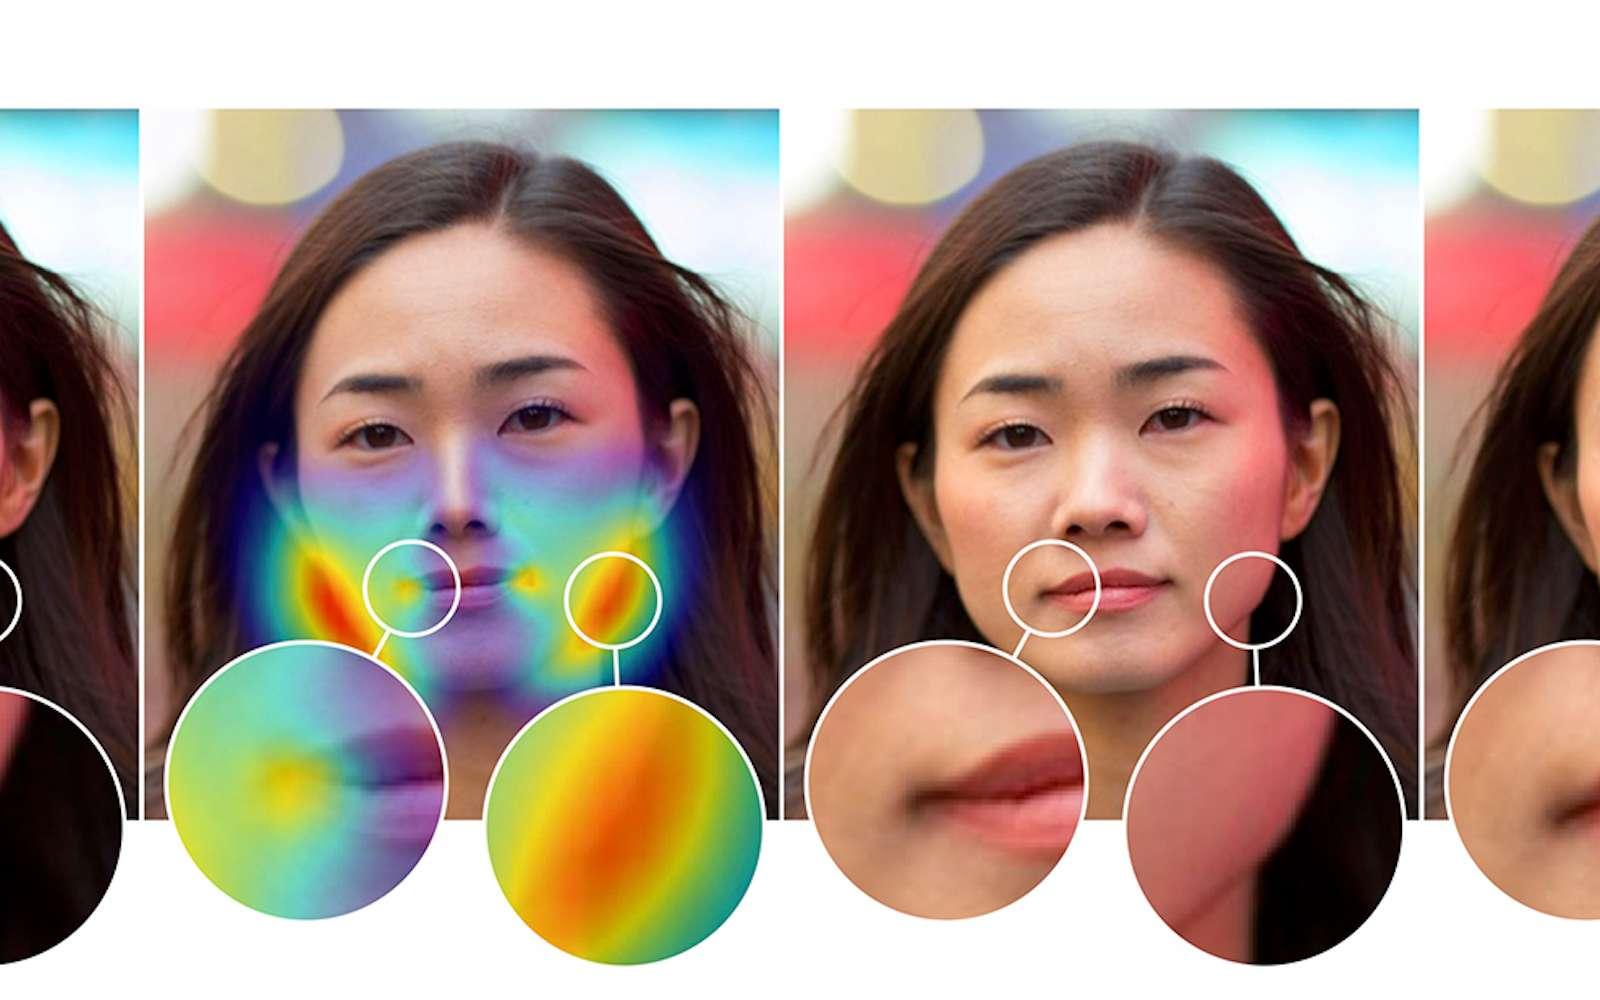 Avec un taux de réussite de 99 %, l'intelligence artificielle créée par l'équipe de chercheurs de Berkeley est très efficace. © Adobe